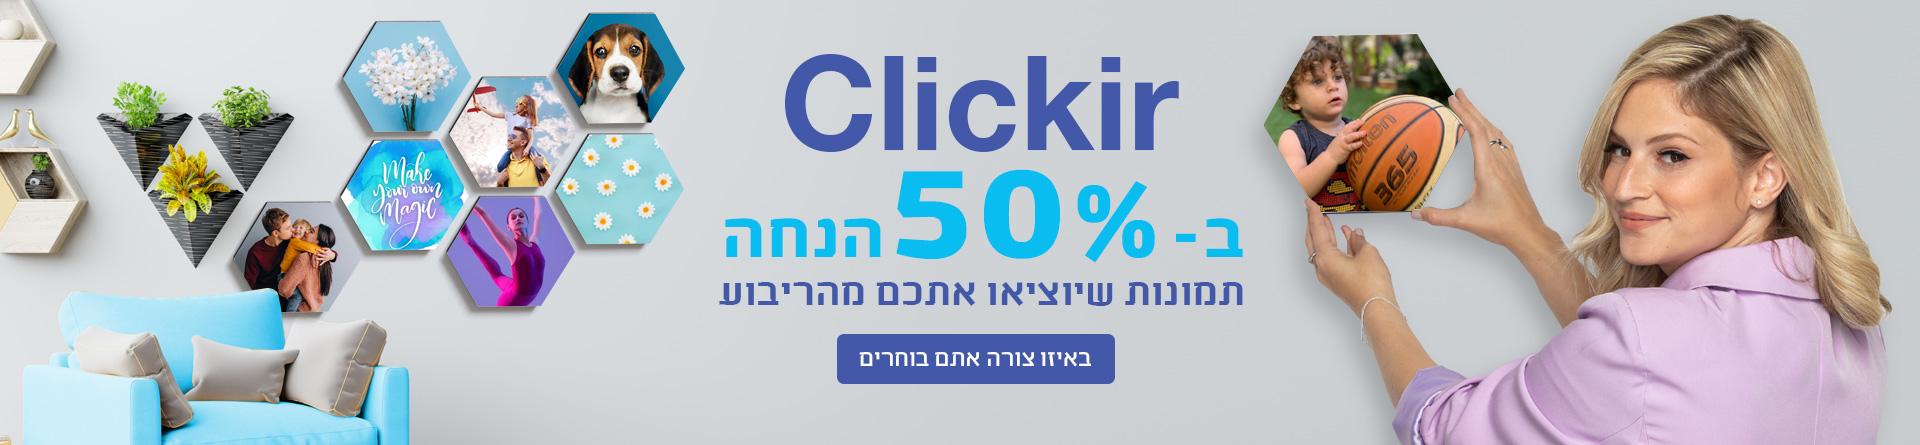 clickir 45%  -5.4